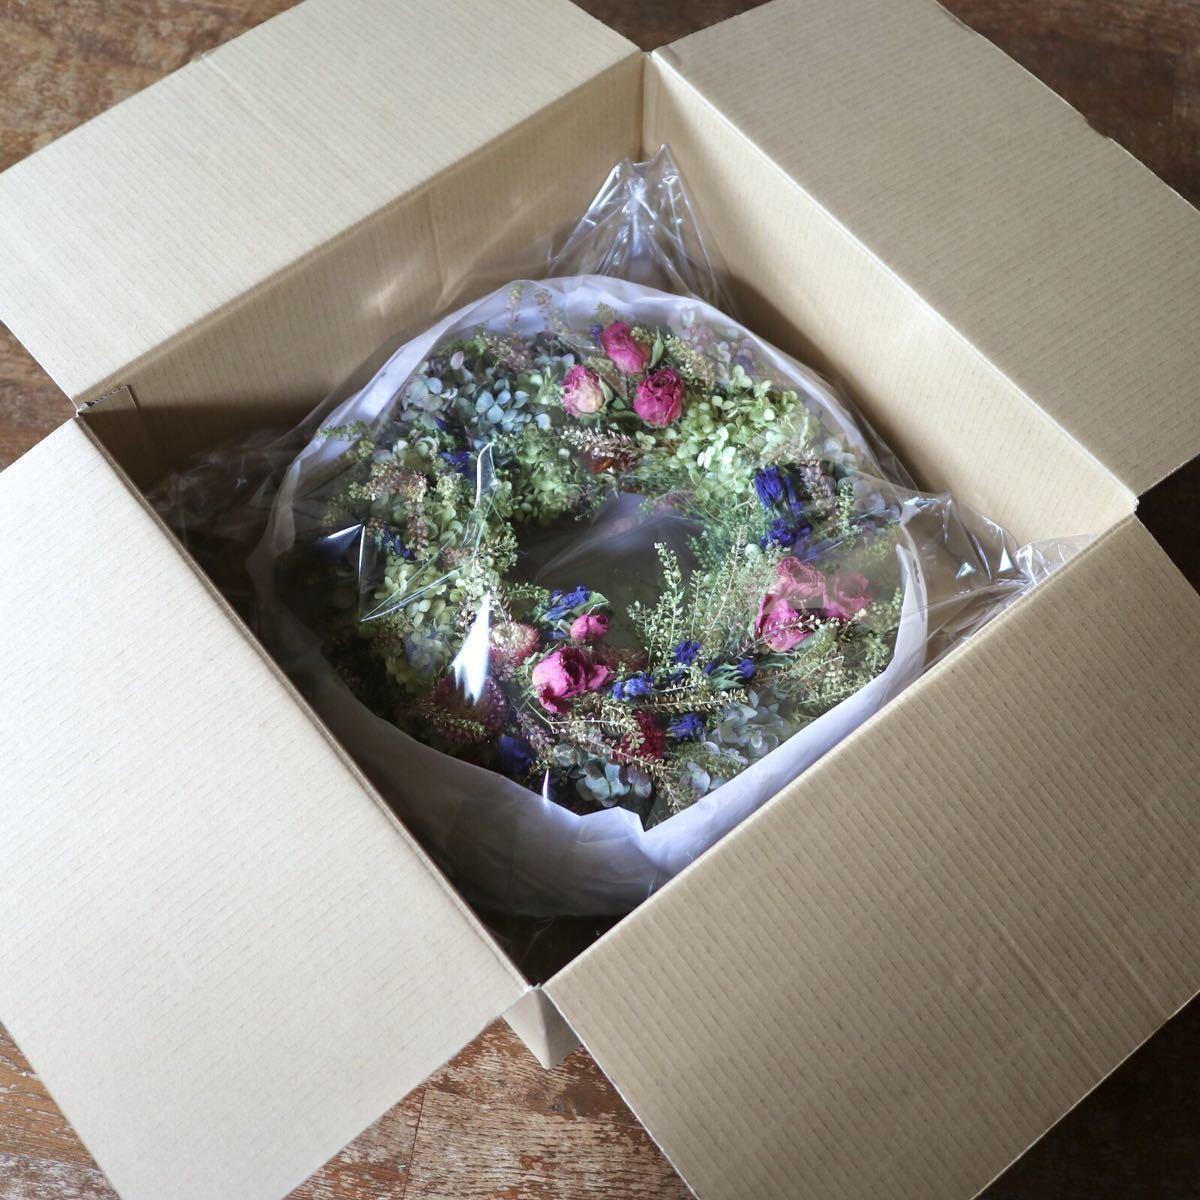 *kashun* L(38cm マメグンバイナズナとカラフルな小花のボリュームリース/ドライフラワー/プレゼント/新築祝い/開店祝い/誕生日プレゼント_画像8